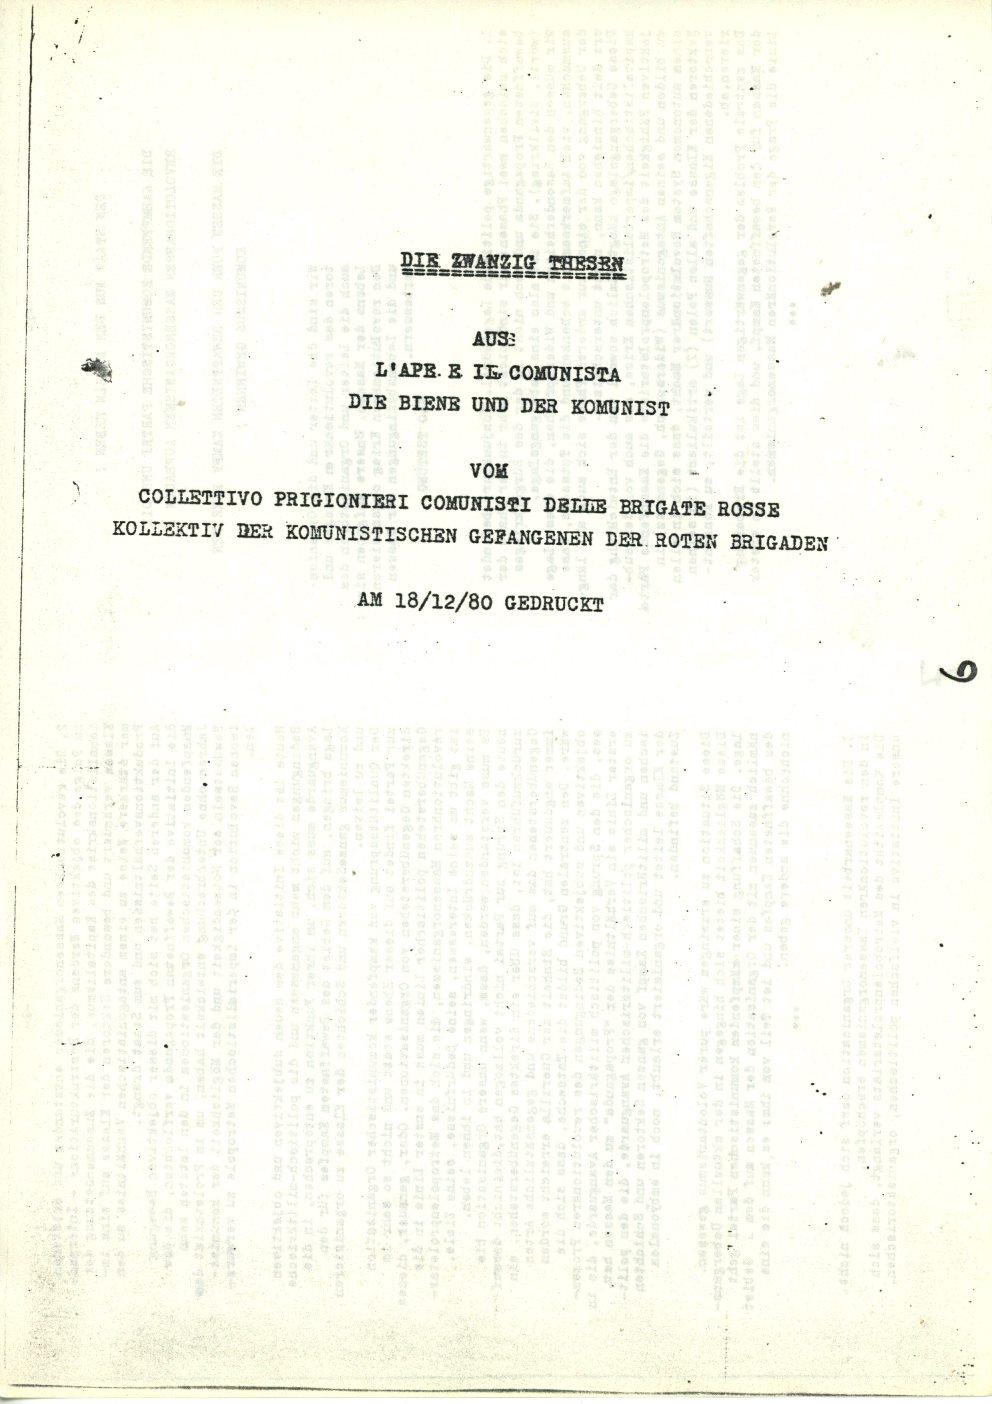 Italien_Brigate_Rosse_1982_Texte_2_07